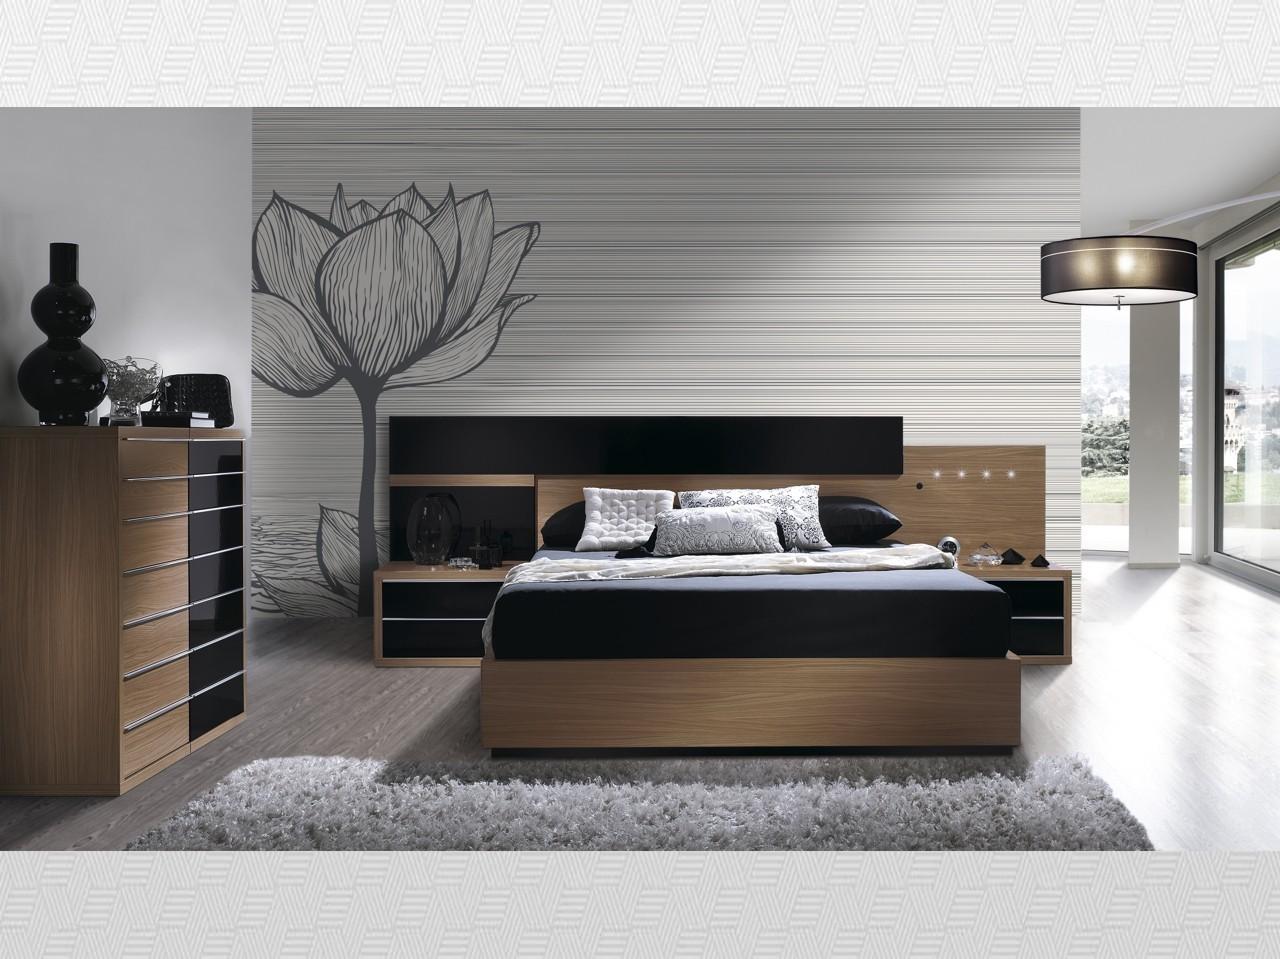 Dormitorio matrimonio Noce  negro lacado del modelo Eos